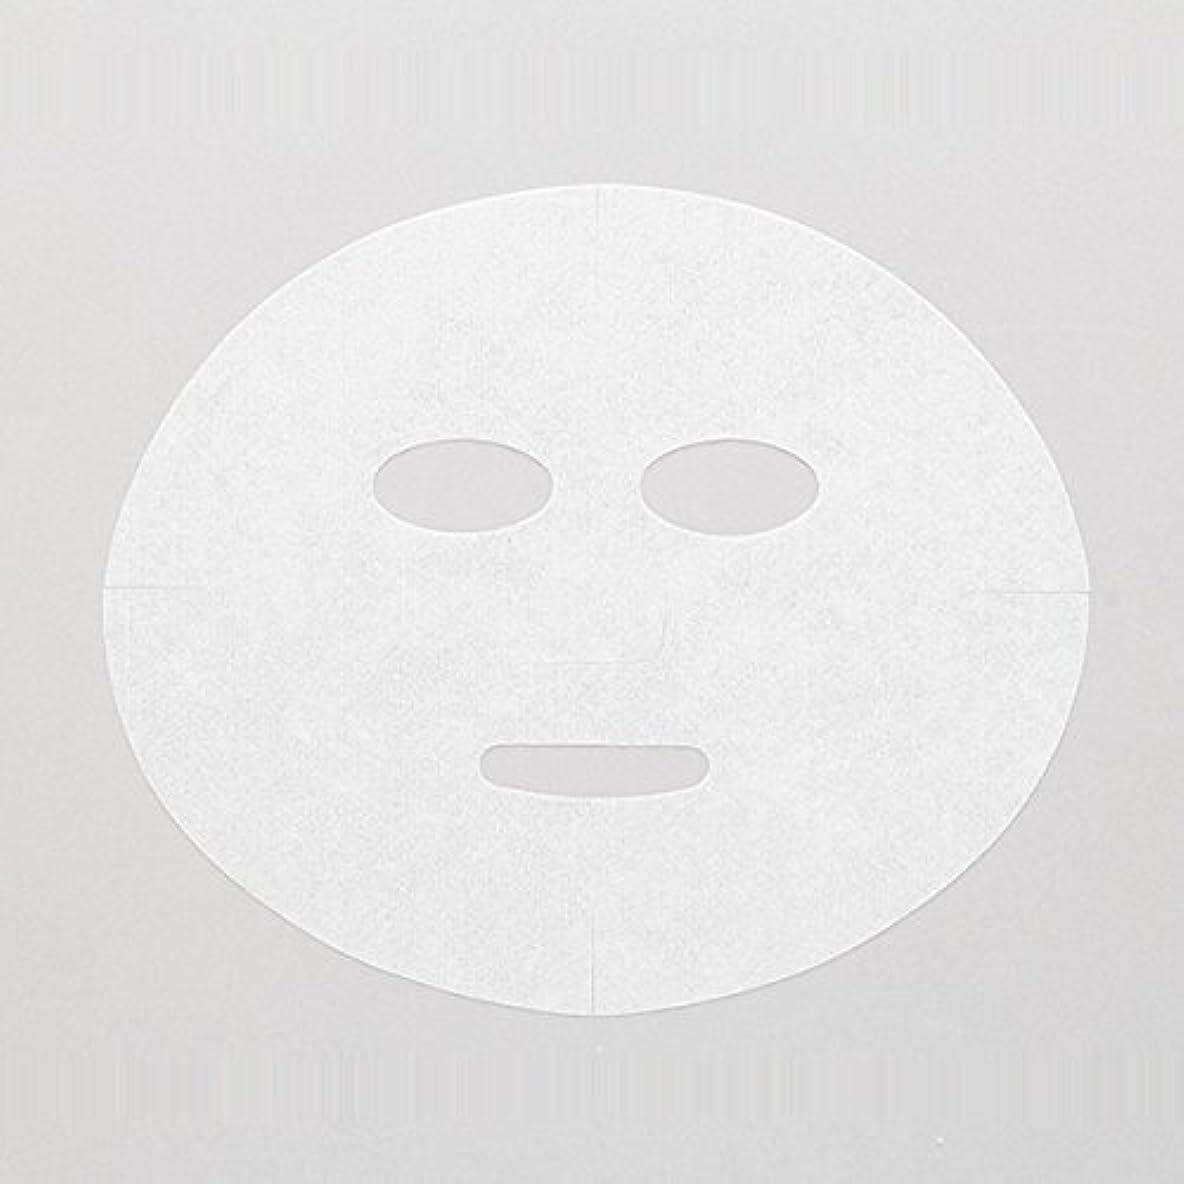 天窓つかの間ジム高保水 フェイシャルシート (マスクタイプ 化粧水無) 80枚 24×20cm [ フェイスマスク フェイスシート フェイスパック フェイシャルマスク シートマスク フェイシャルシート フェイシャルパック ローションマスク ローションパック ]